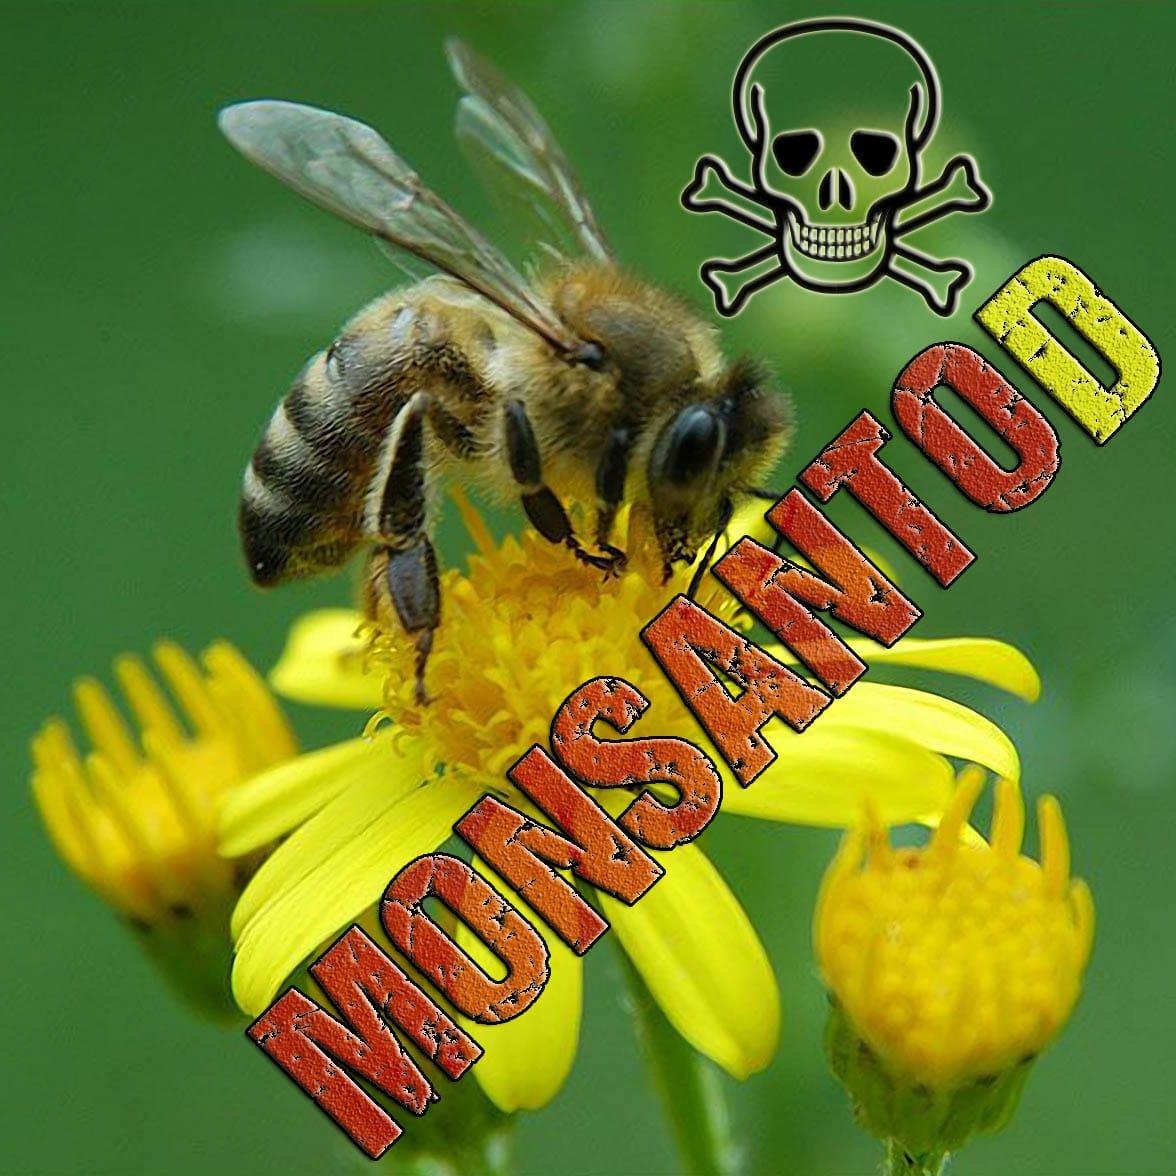 Müssen die Bienen in Europa den MONSANTO(D) sterben MonsantoD Bienen Sterben Honig Imker Verlust Gen Mais Pollen qpress